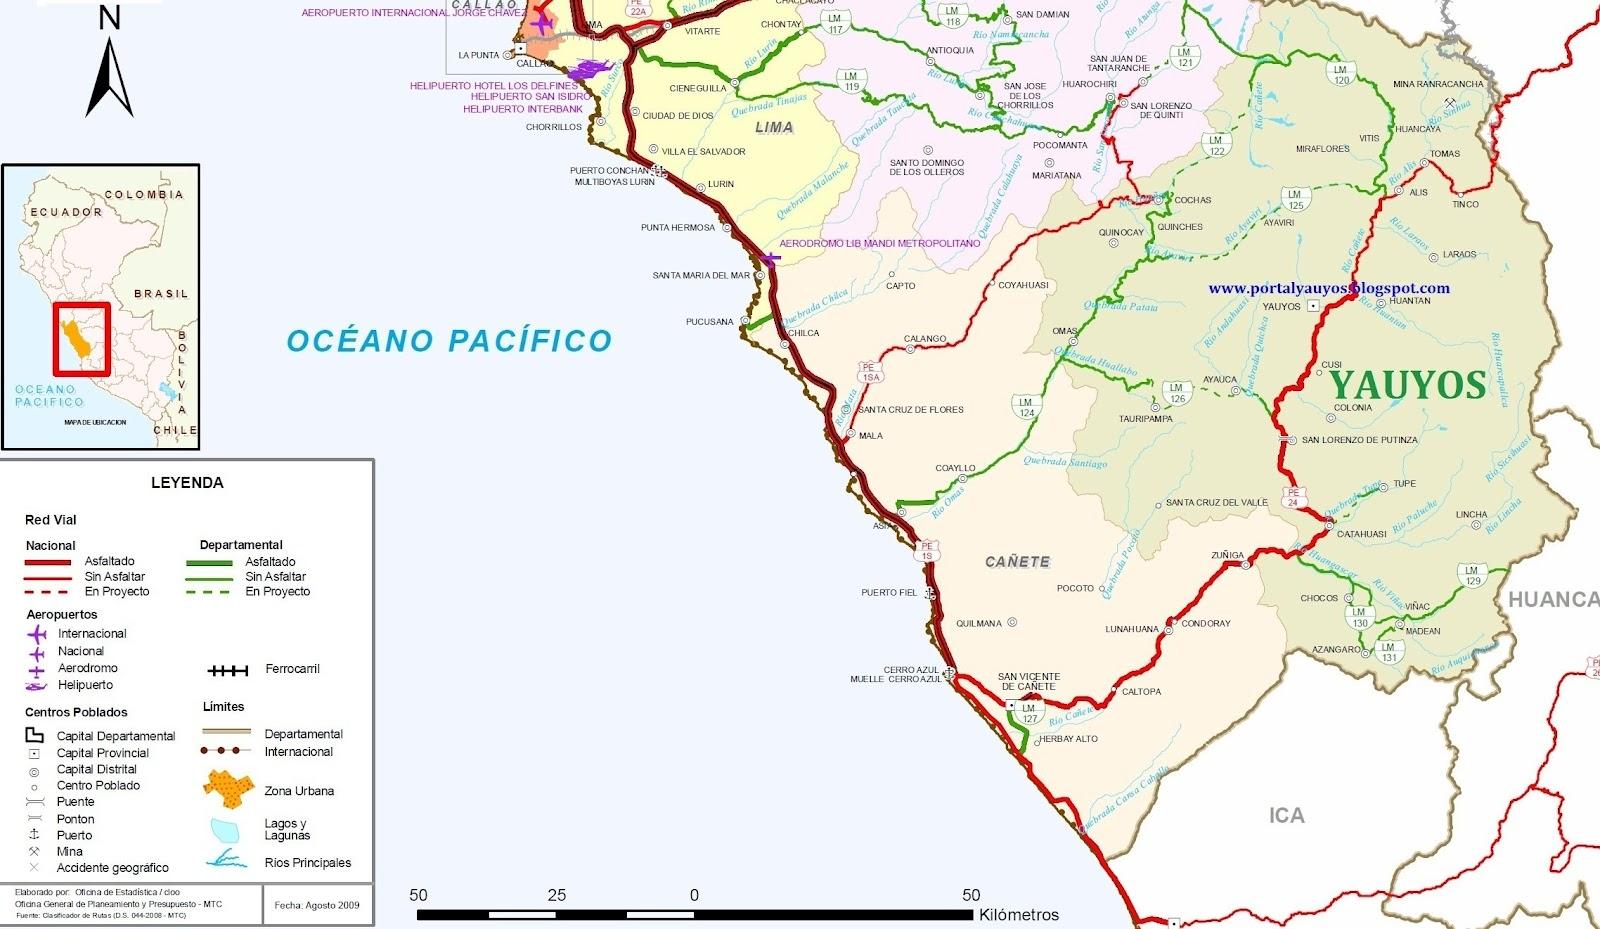 Portal yauyos noticias de la provincia de yauyos c mo - La maquinista como llegar ...